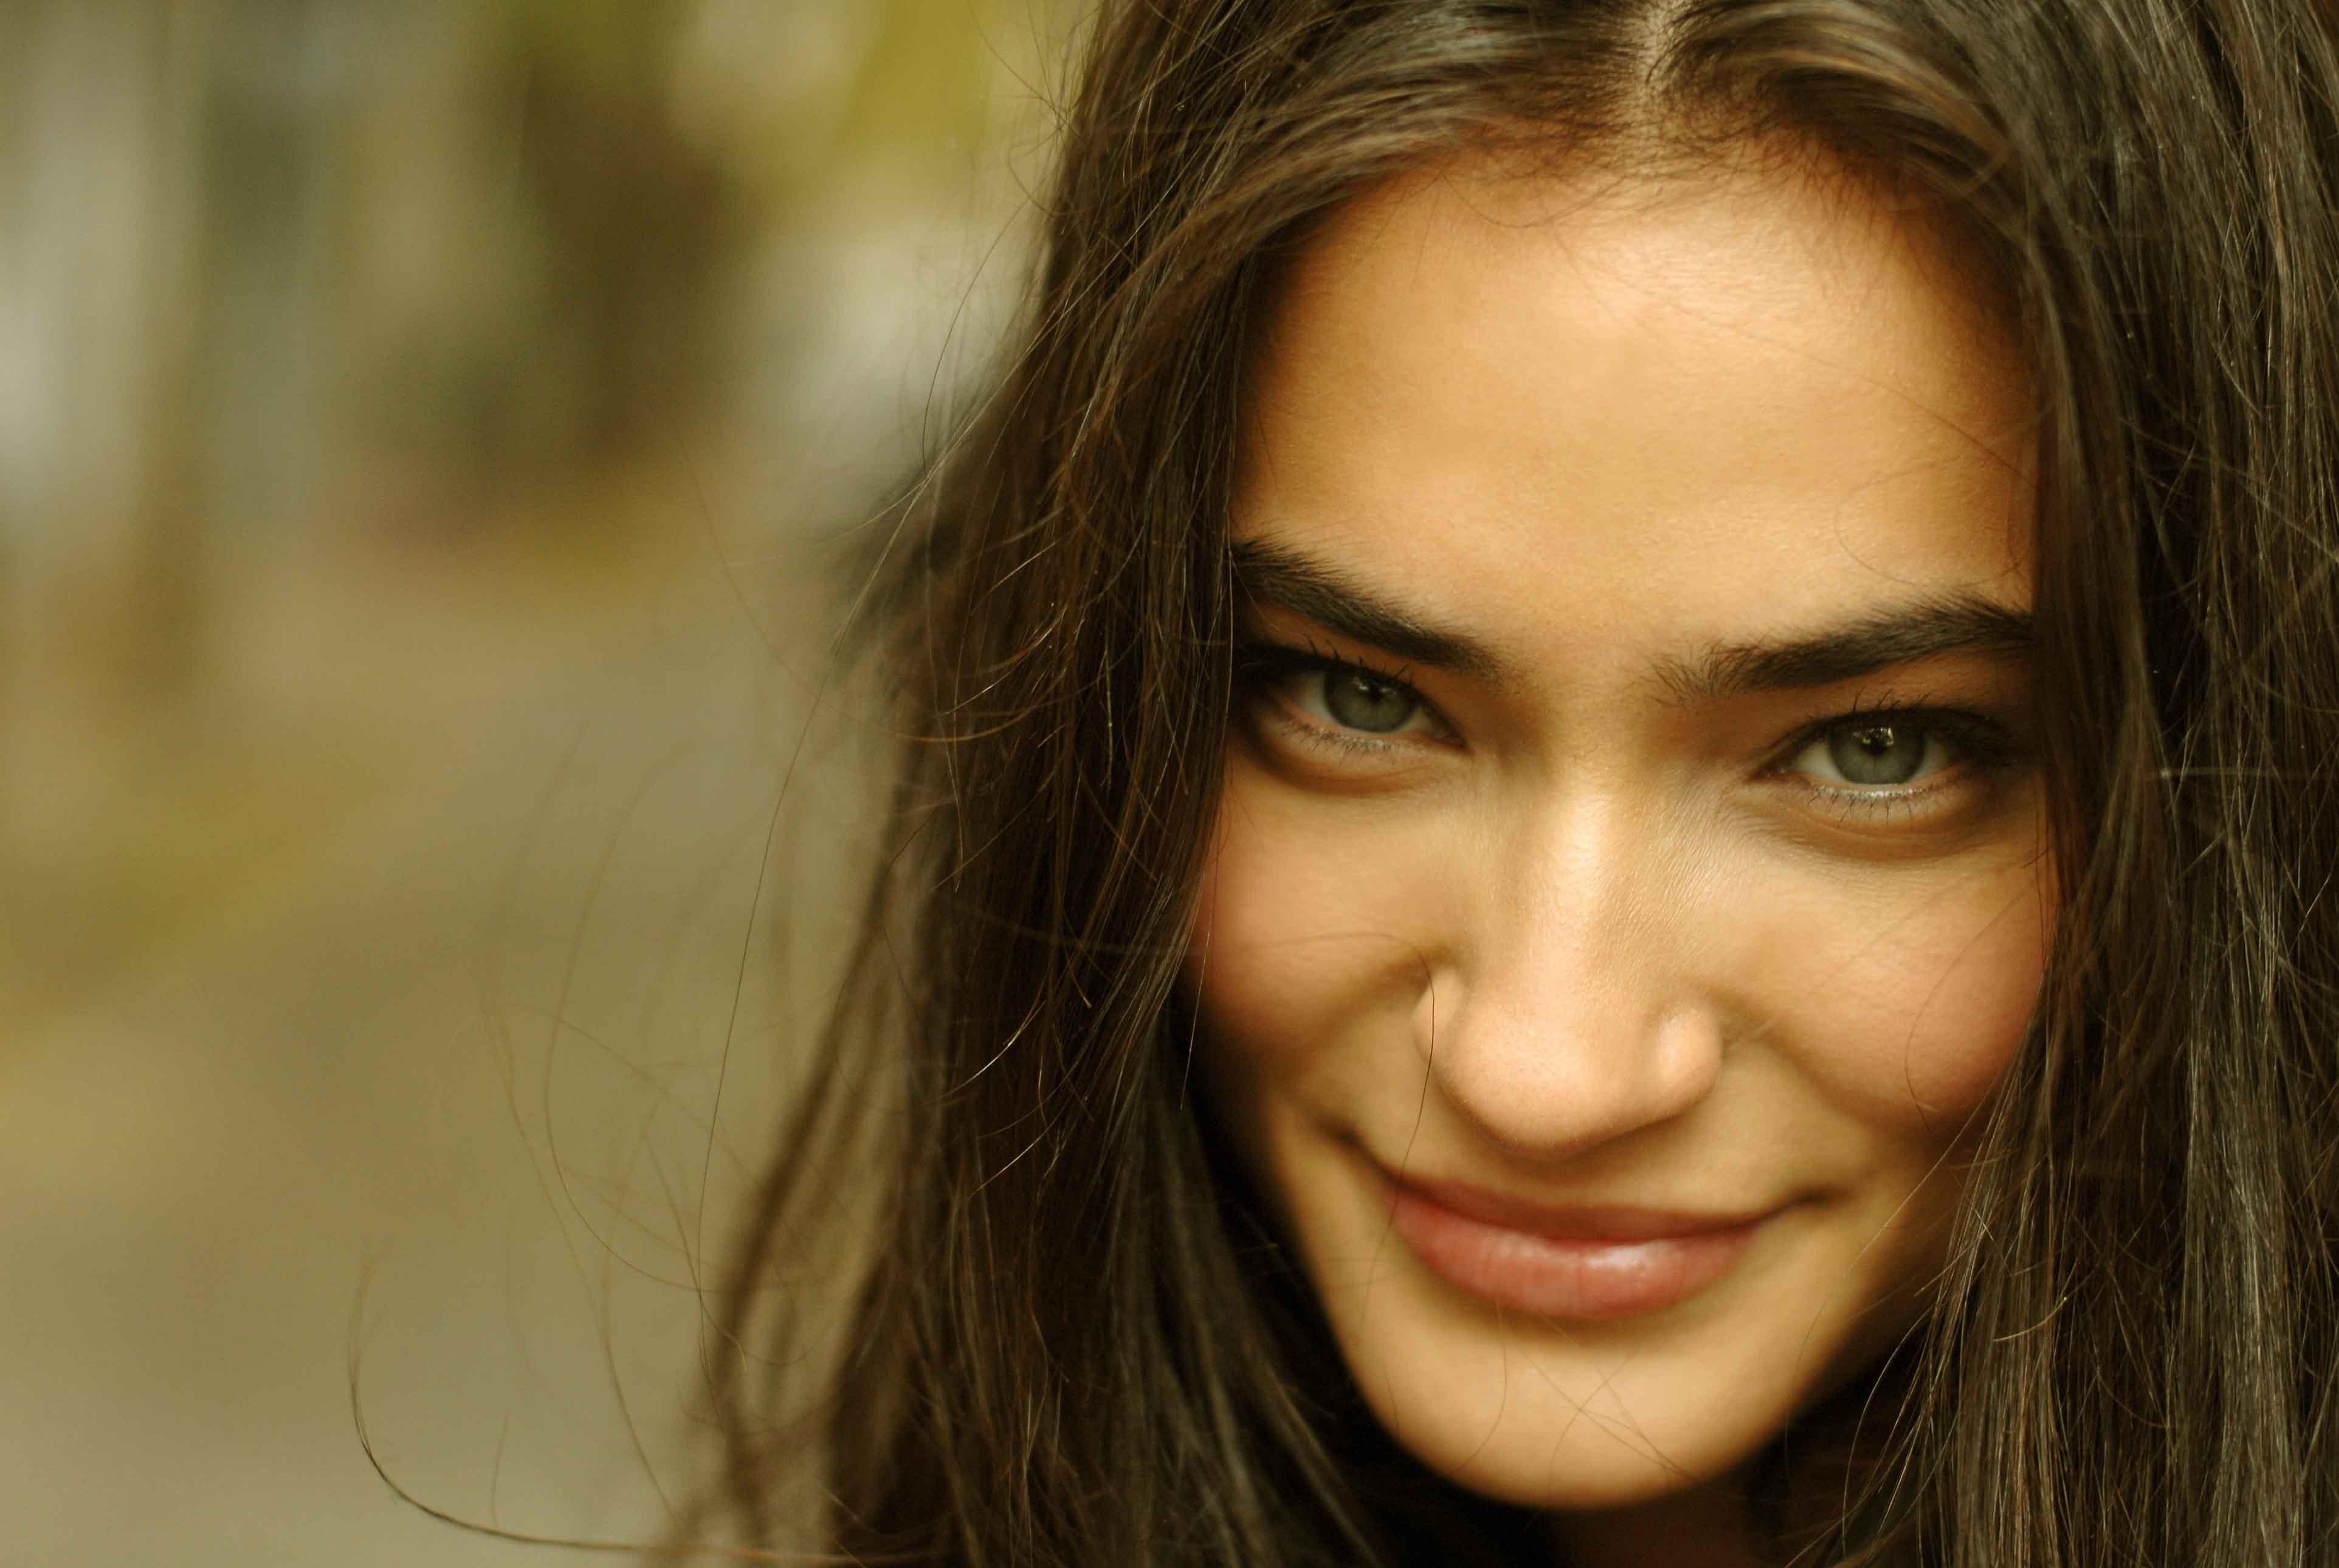 турецкие модели и актрисы фото мужчина сам